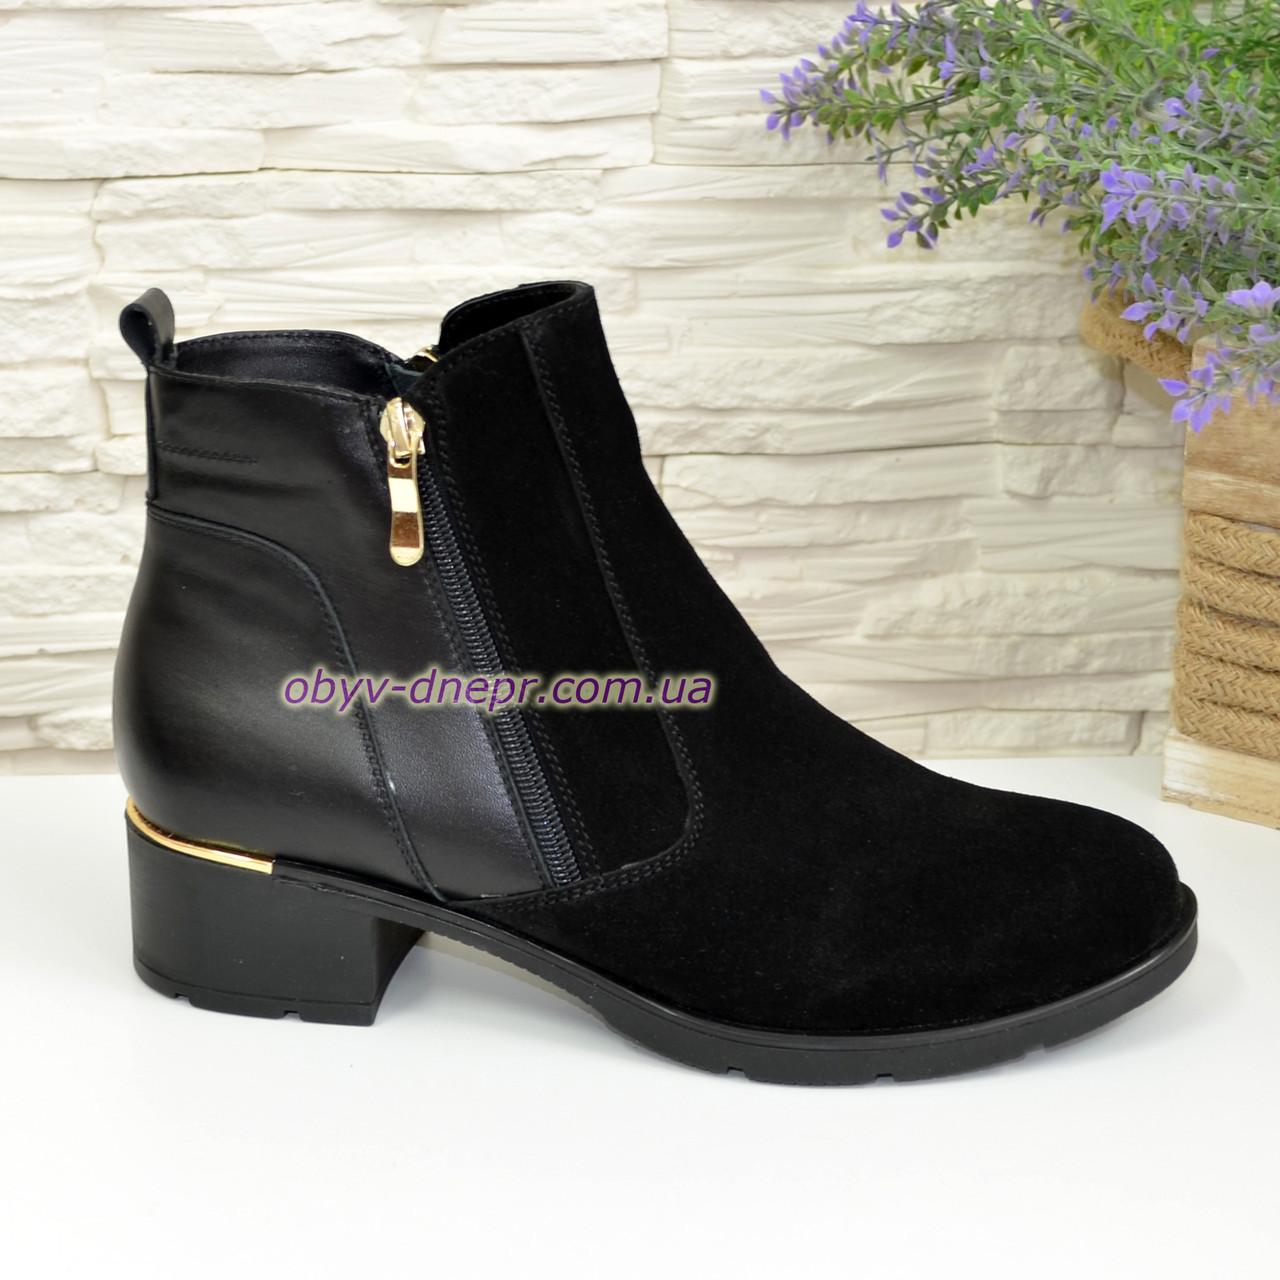 Ботинки женские демисезонные на устойчивом каблуке, натуральная кожа и замша